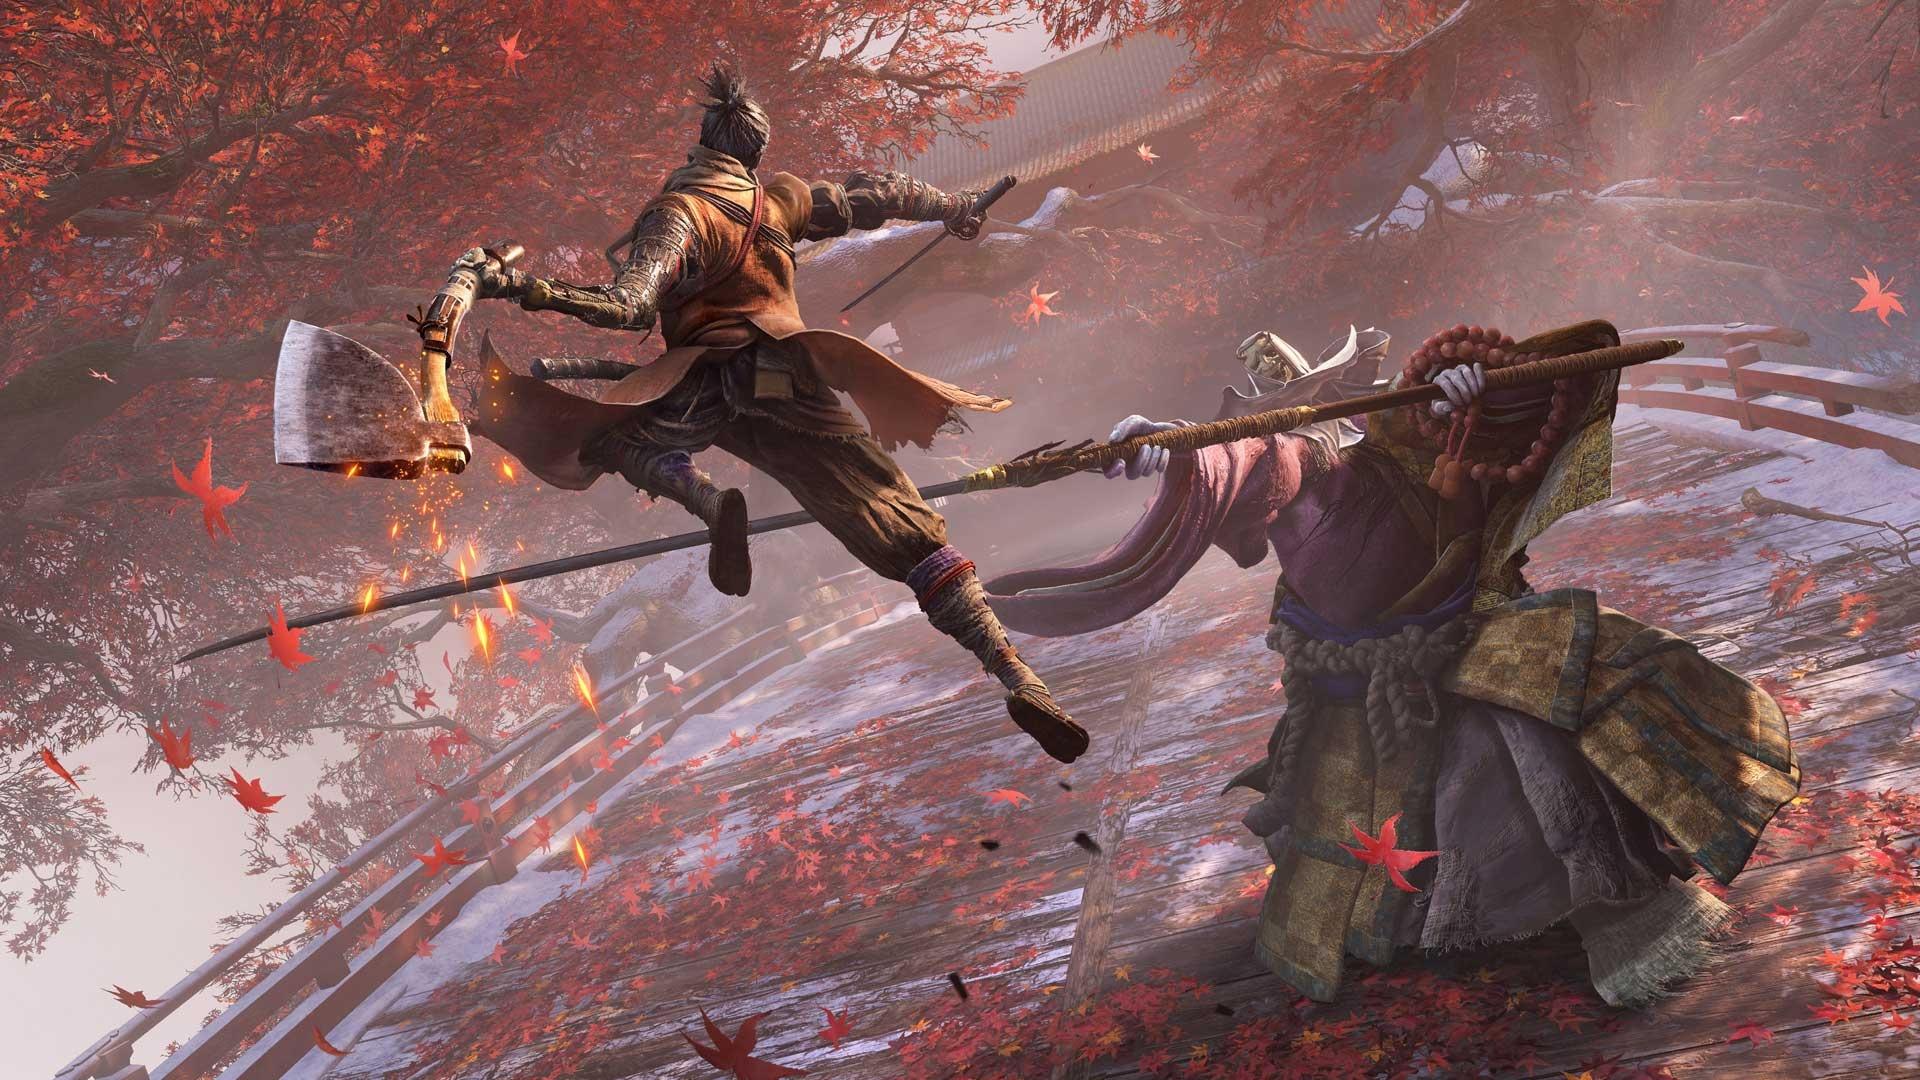 [Opinião] Sekiro: Shadows Die Twice é o melhor jogo da FromSoftware? 2